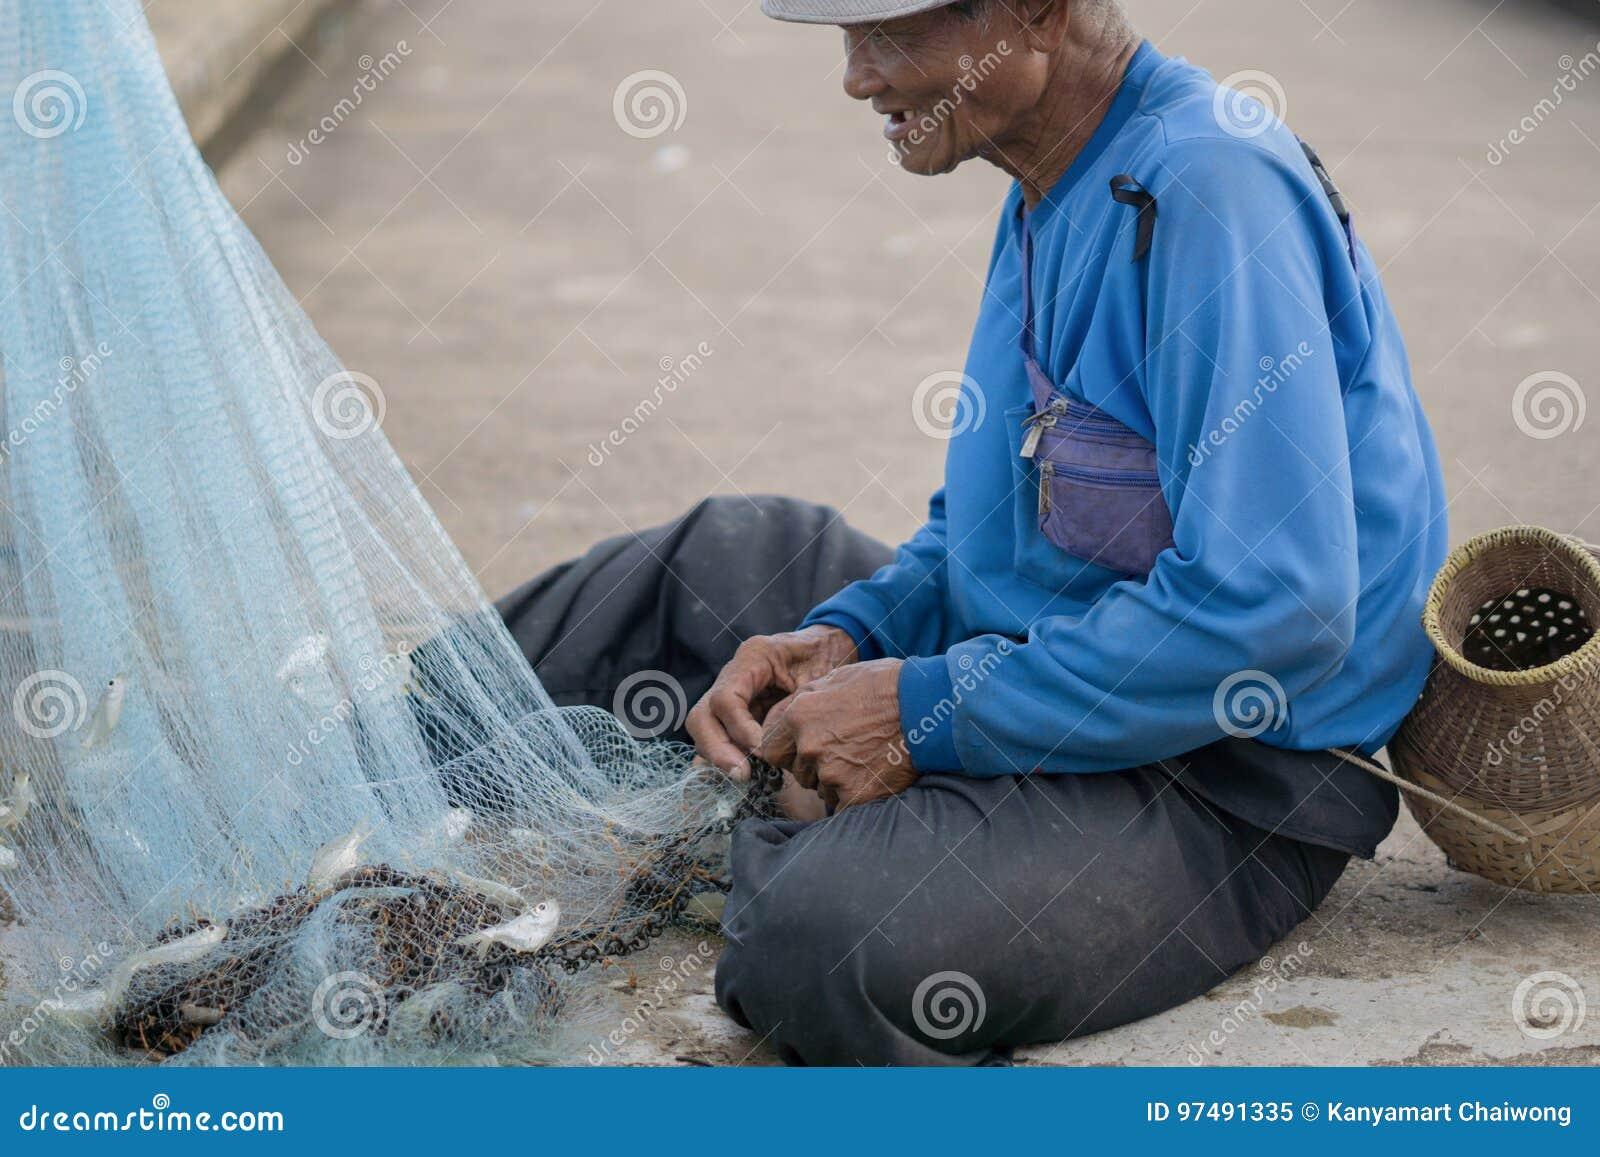 12 luglio 2017 - Chantaburi, Tailandia - pescatori anziani che eliminano i fis